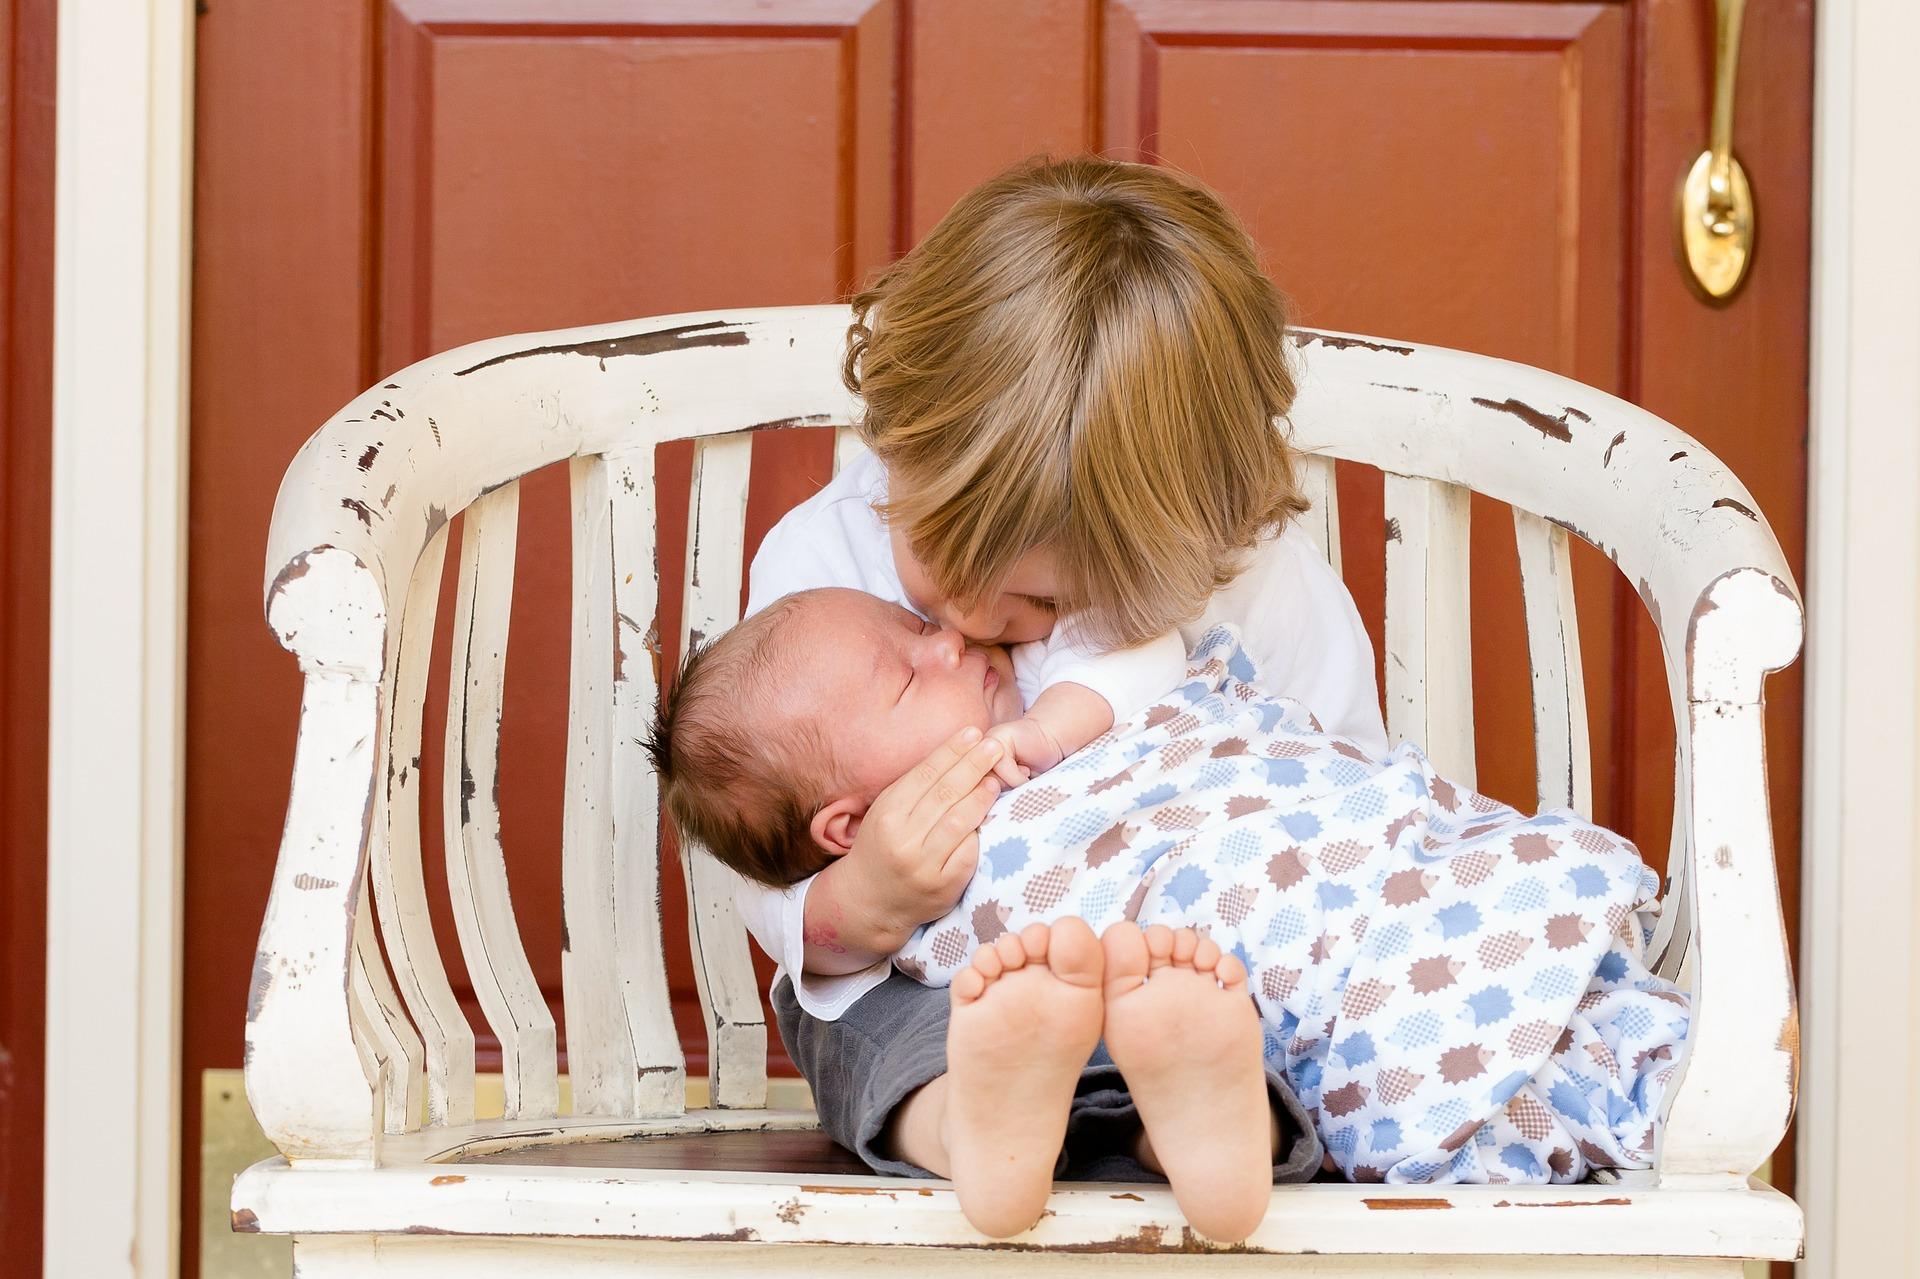 Luto infantil: dizer adeus sem culpa